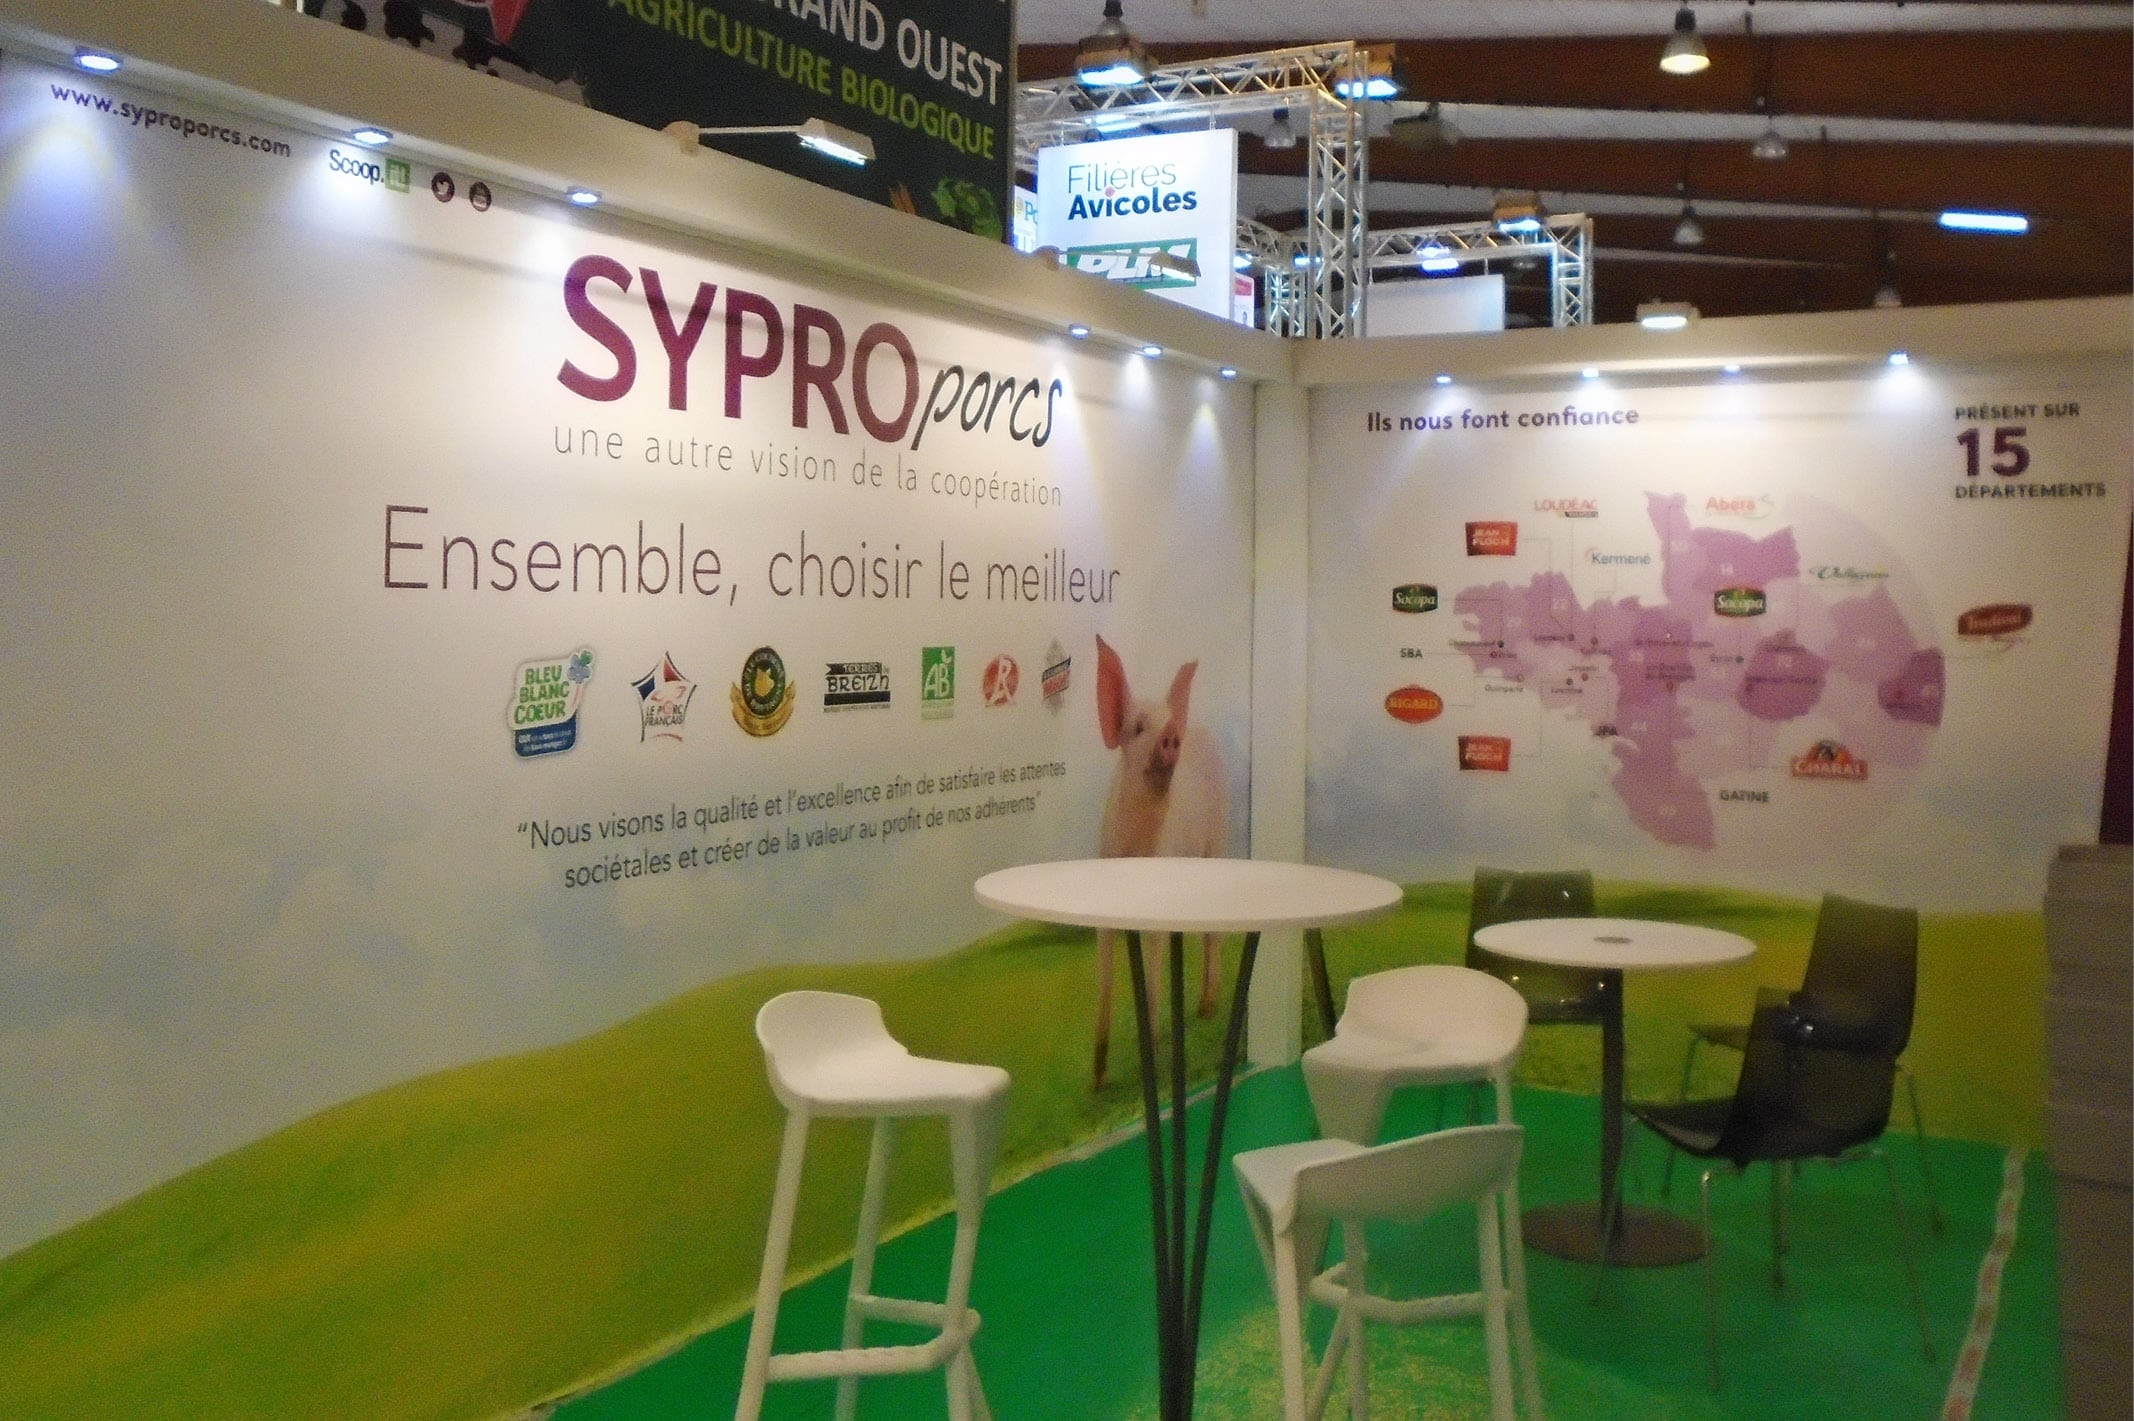 Création graphique du stand de SYPROPORCS pour le salon du SPACE à Rennes